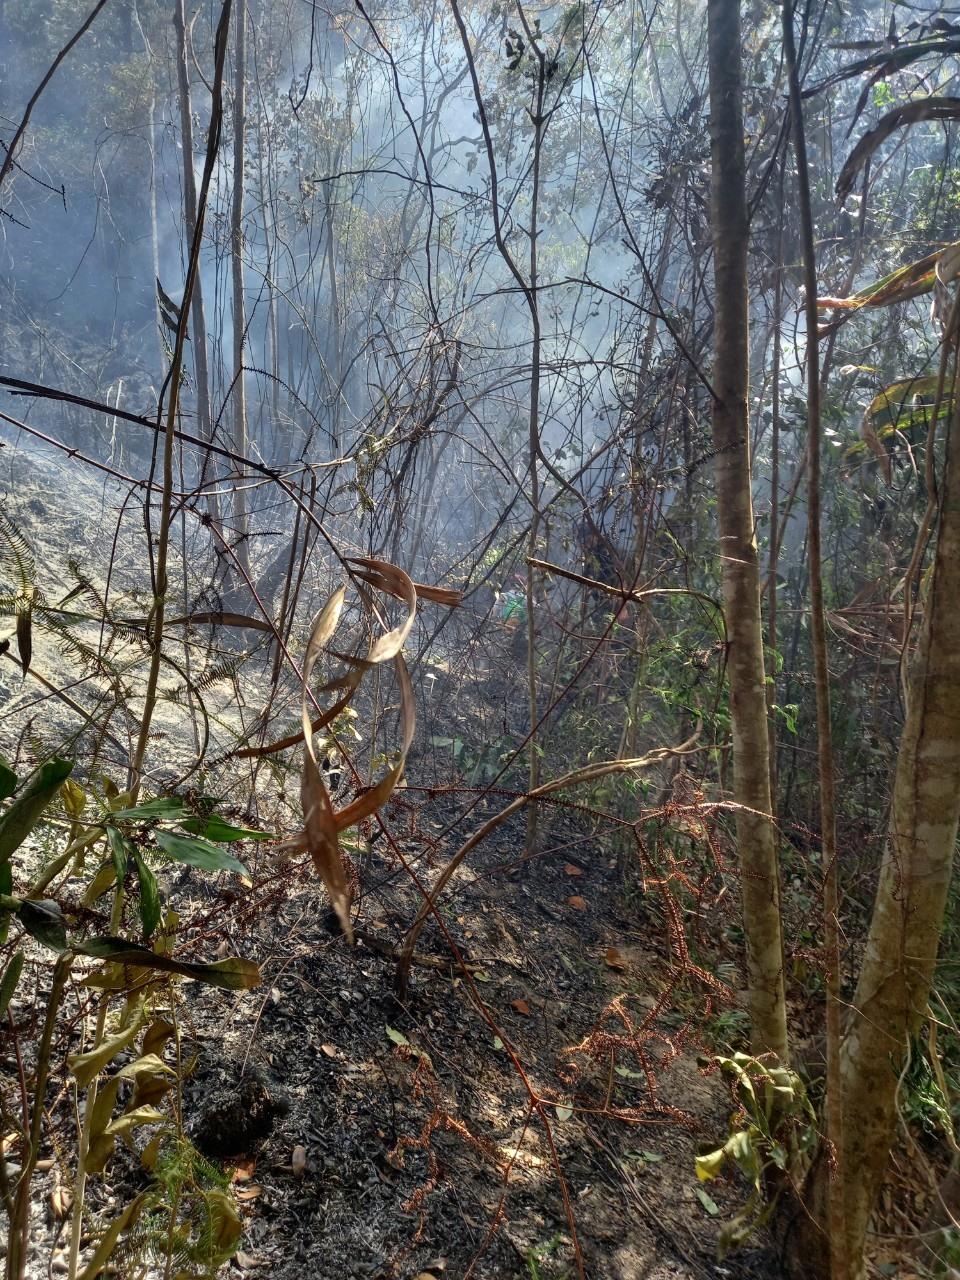 Vụ cháy làm thiệt hại nhiều diện tích rừng tự nhiên và rừng dầu rái tại xã Đại Chánh. Ảnh: H.L